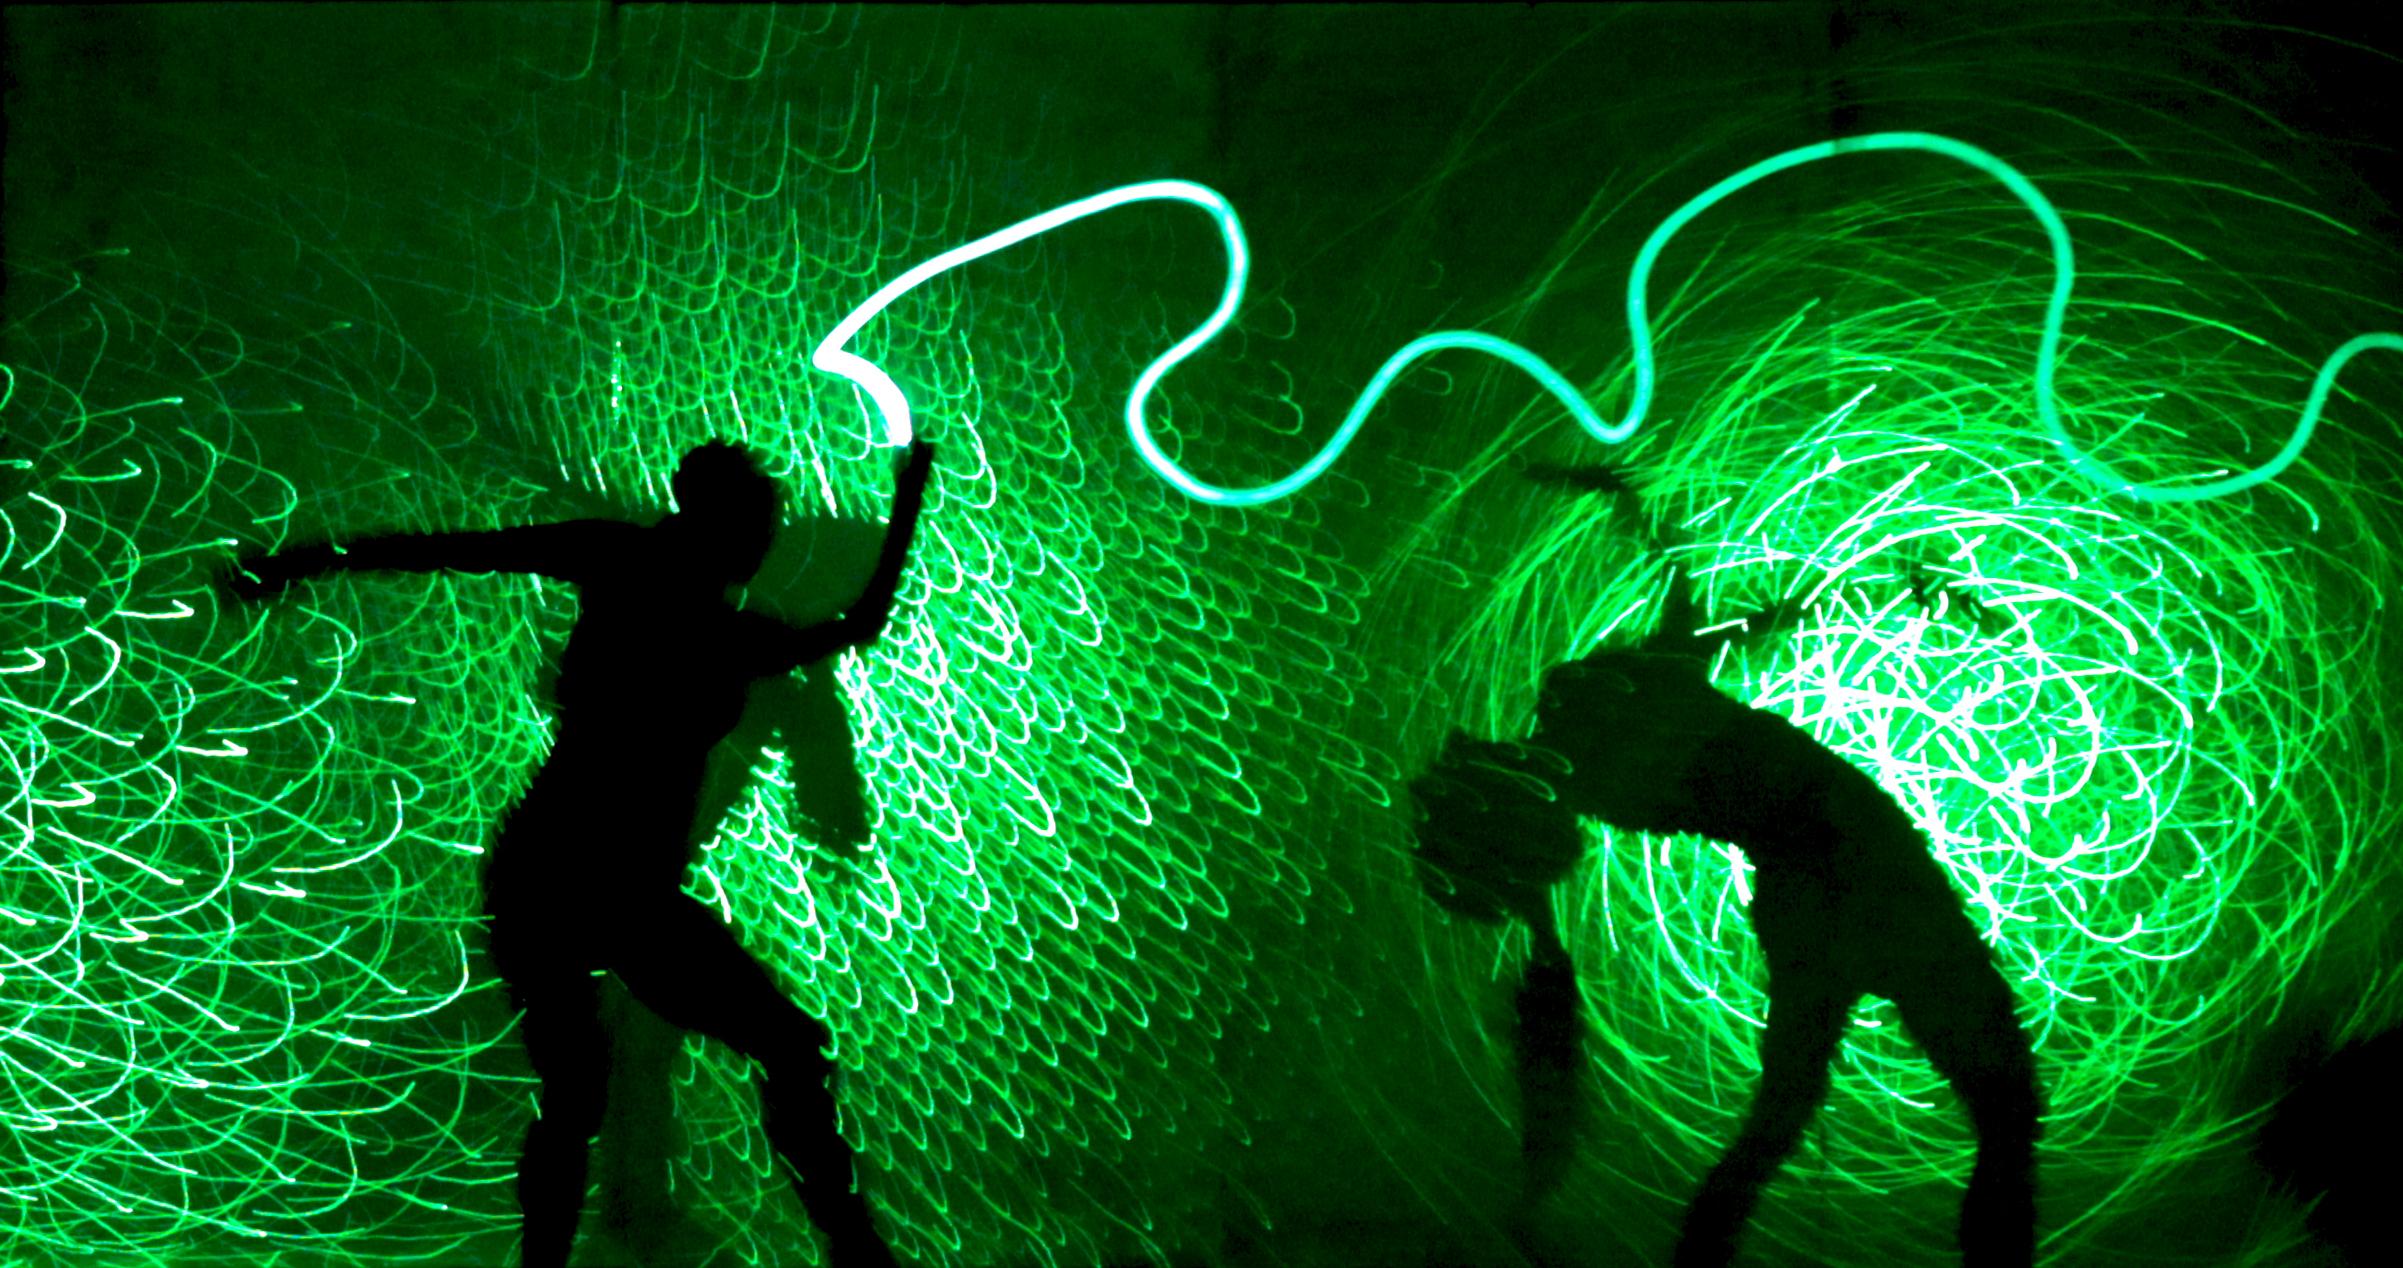 Un esempio degli effetti realizzati con l'utilizzo del Light WALL (courtesy photo: eVolution Dance Theater)